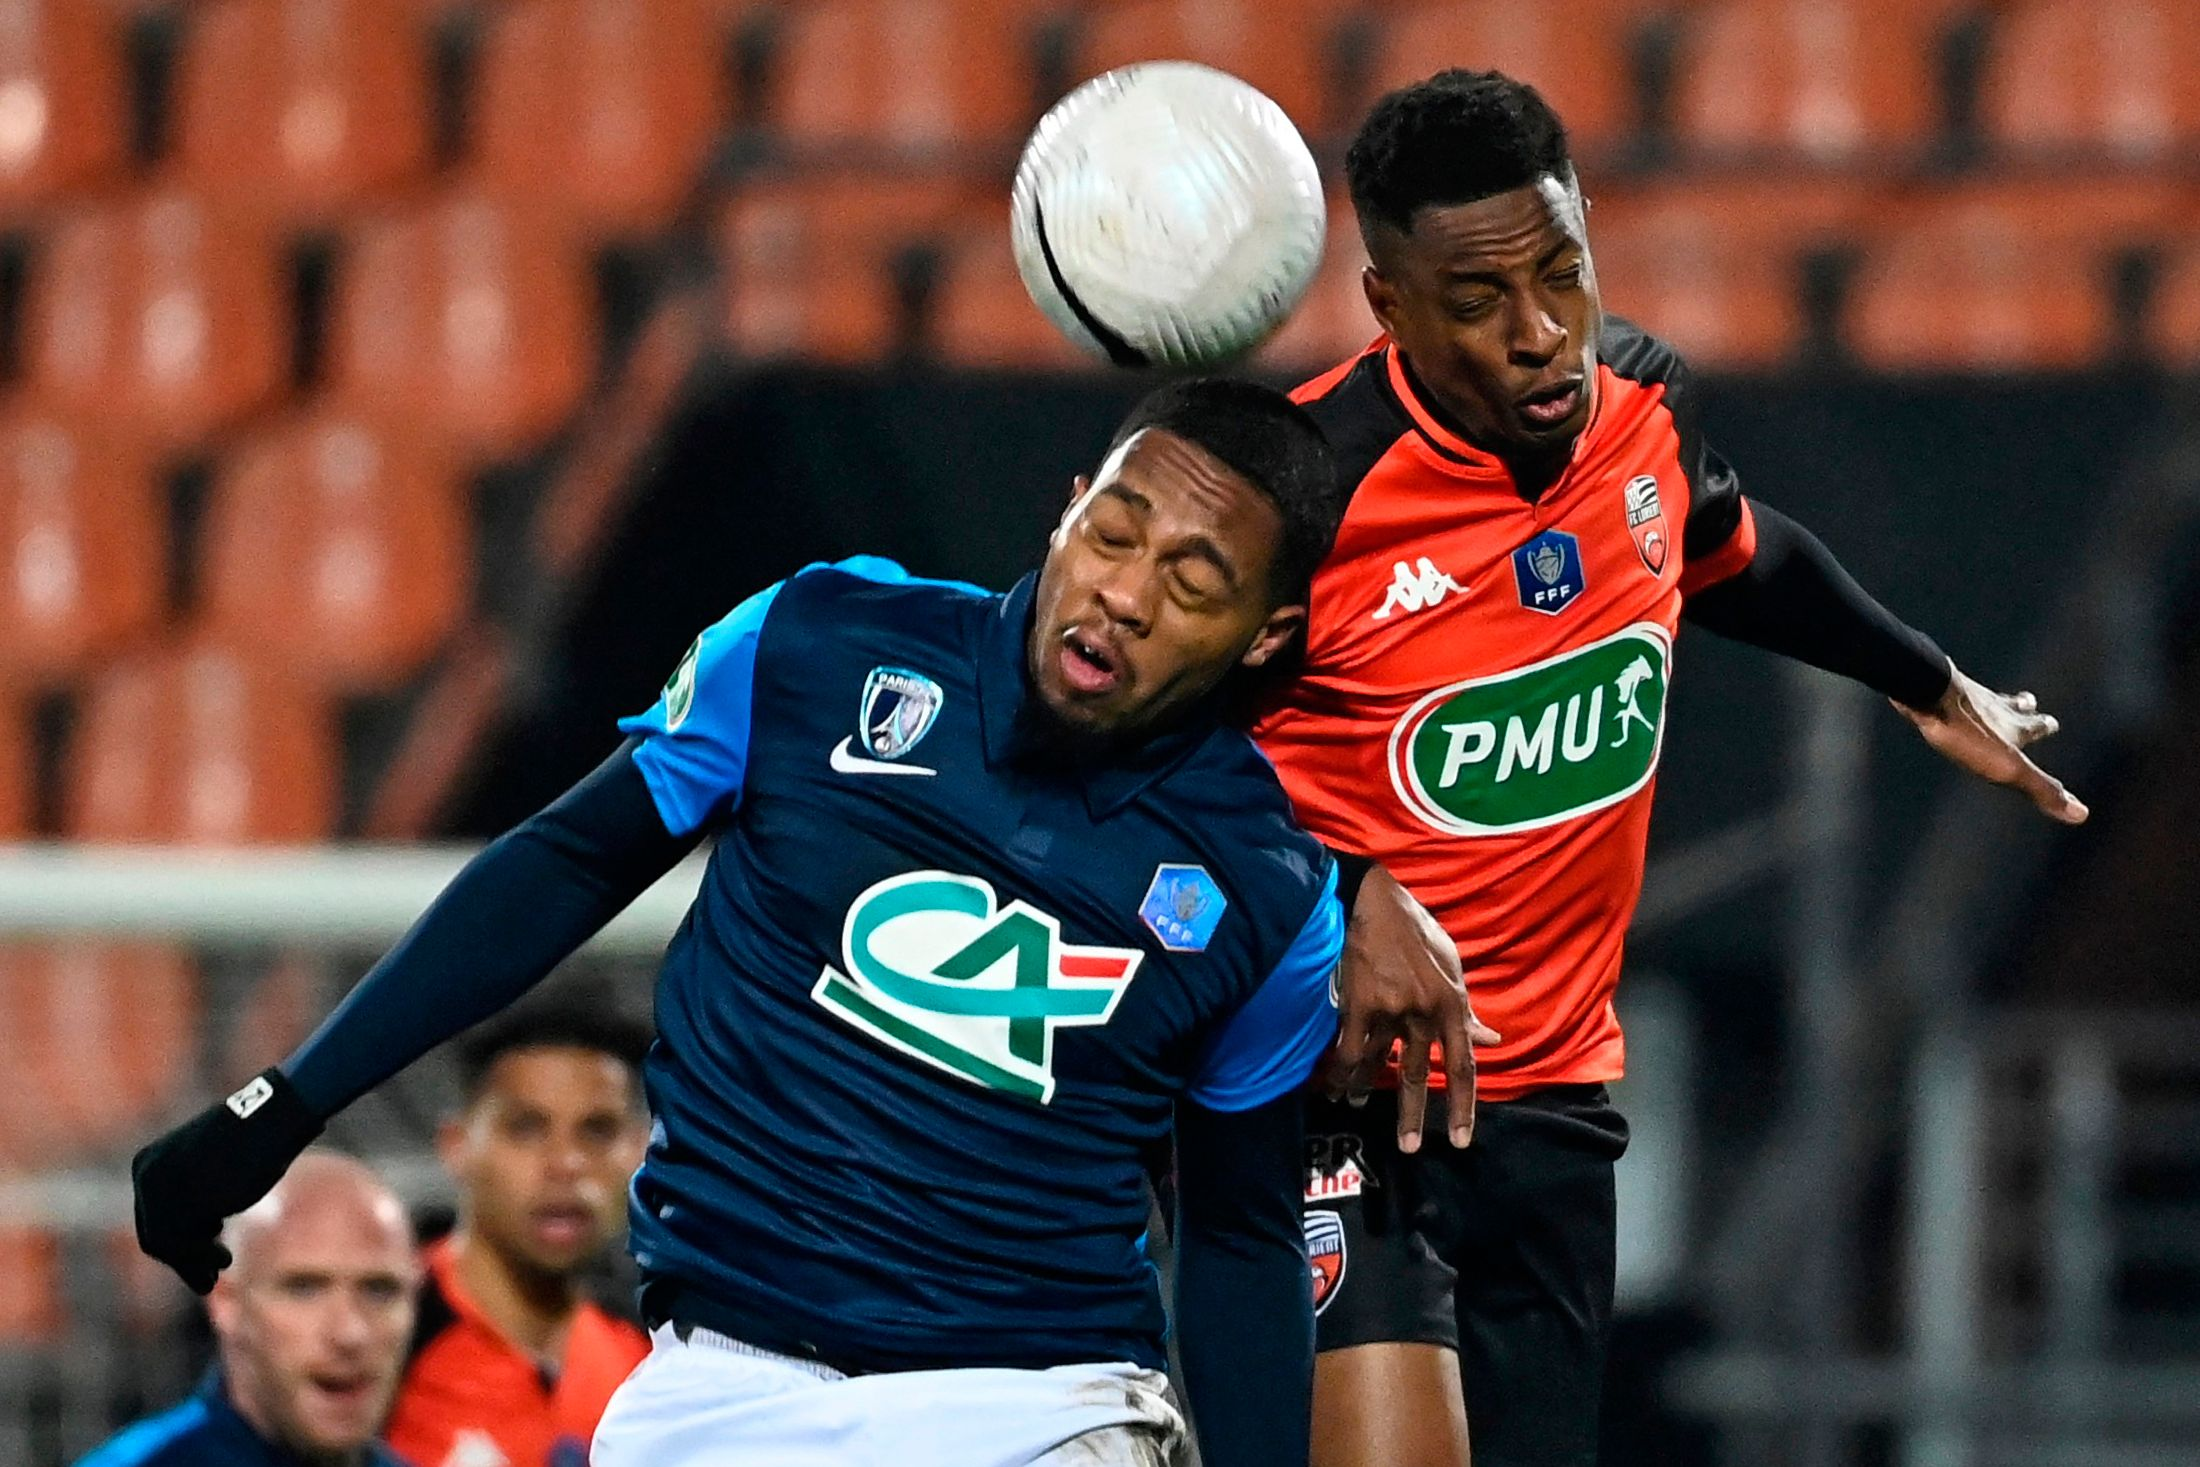 Coupe de France : Lorient continue mais Reims passe à la trappe - Le Figaro